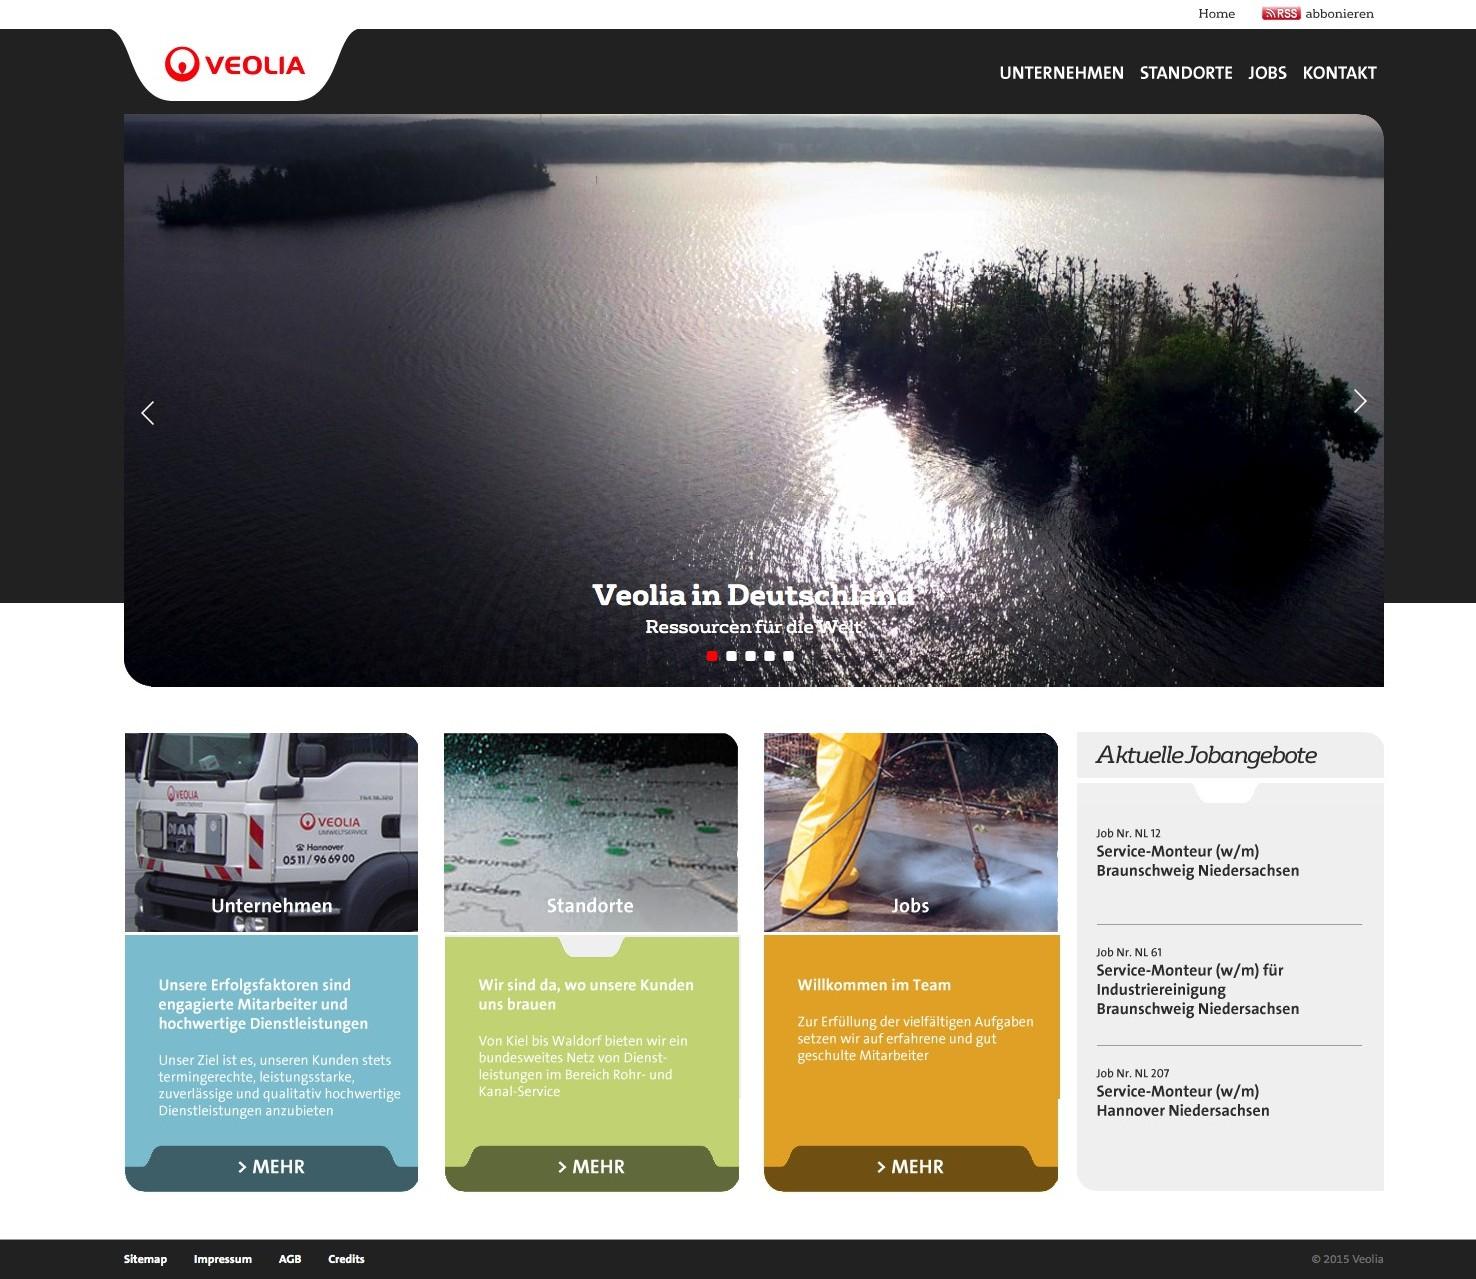 Верстка сайта немецкой компании